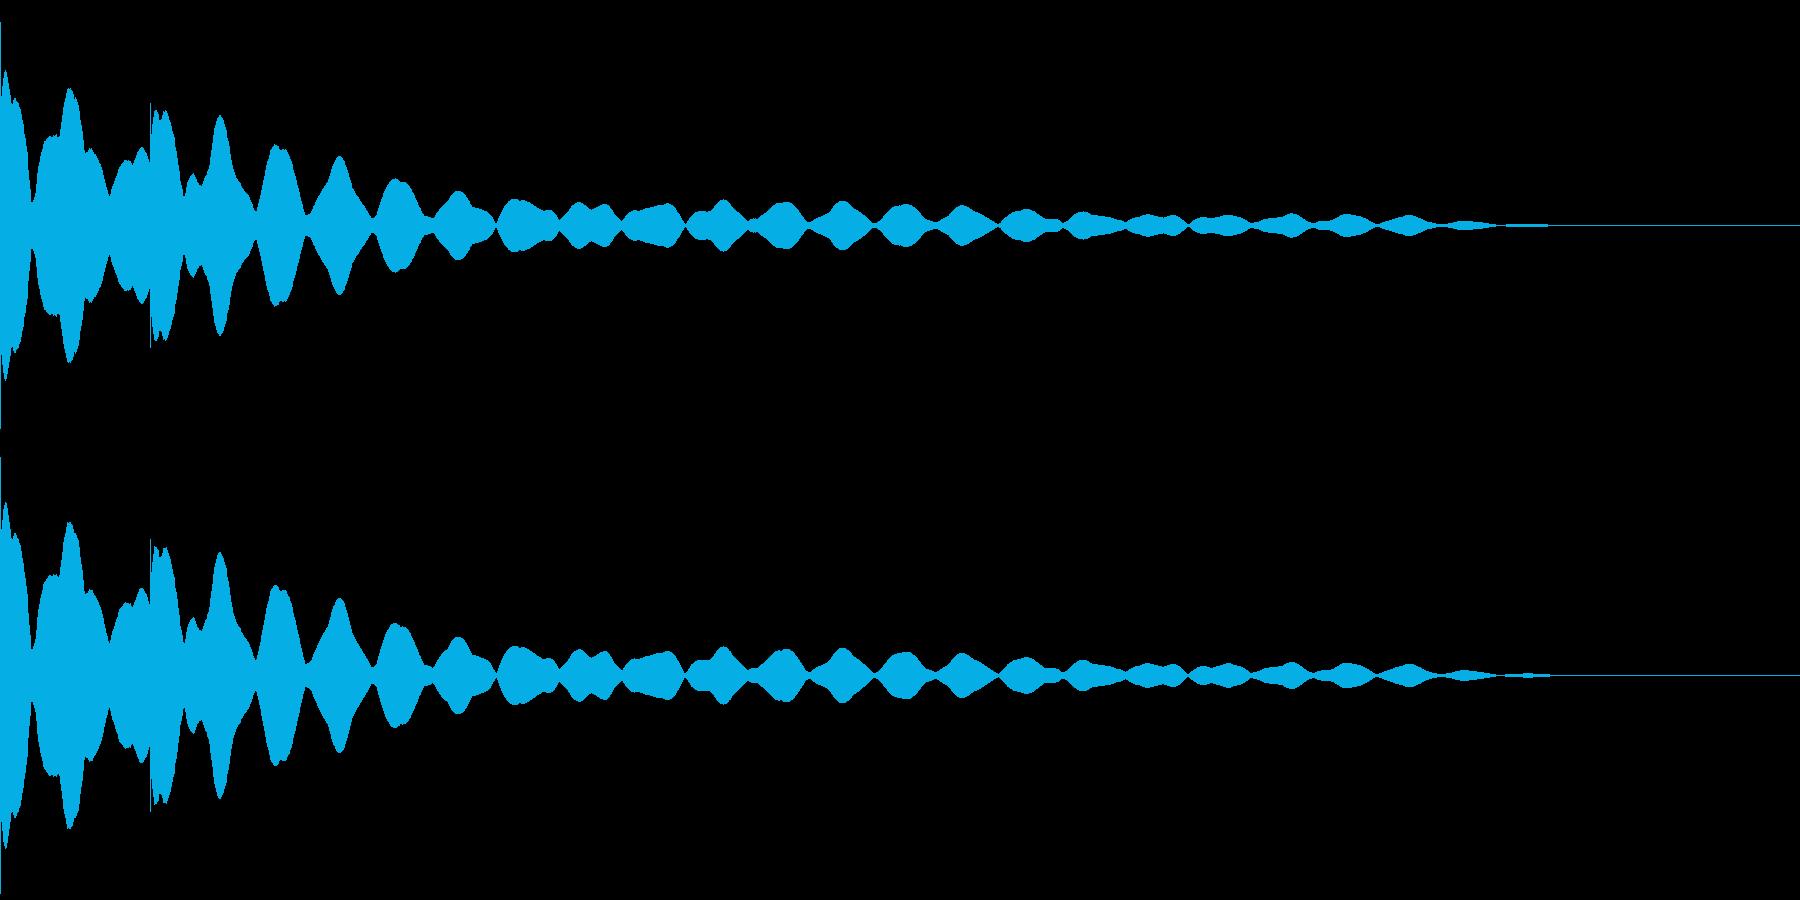 チーンチーン 仏壇の鐘の音2の再生済みの波形